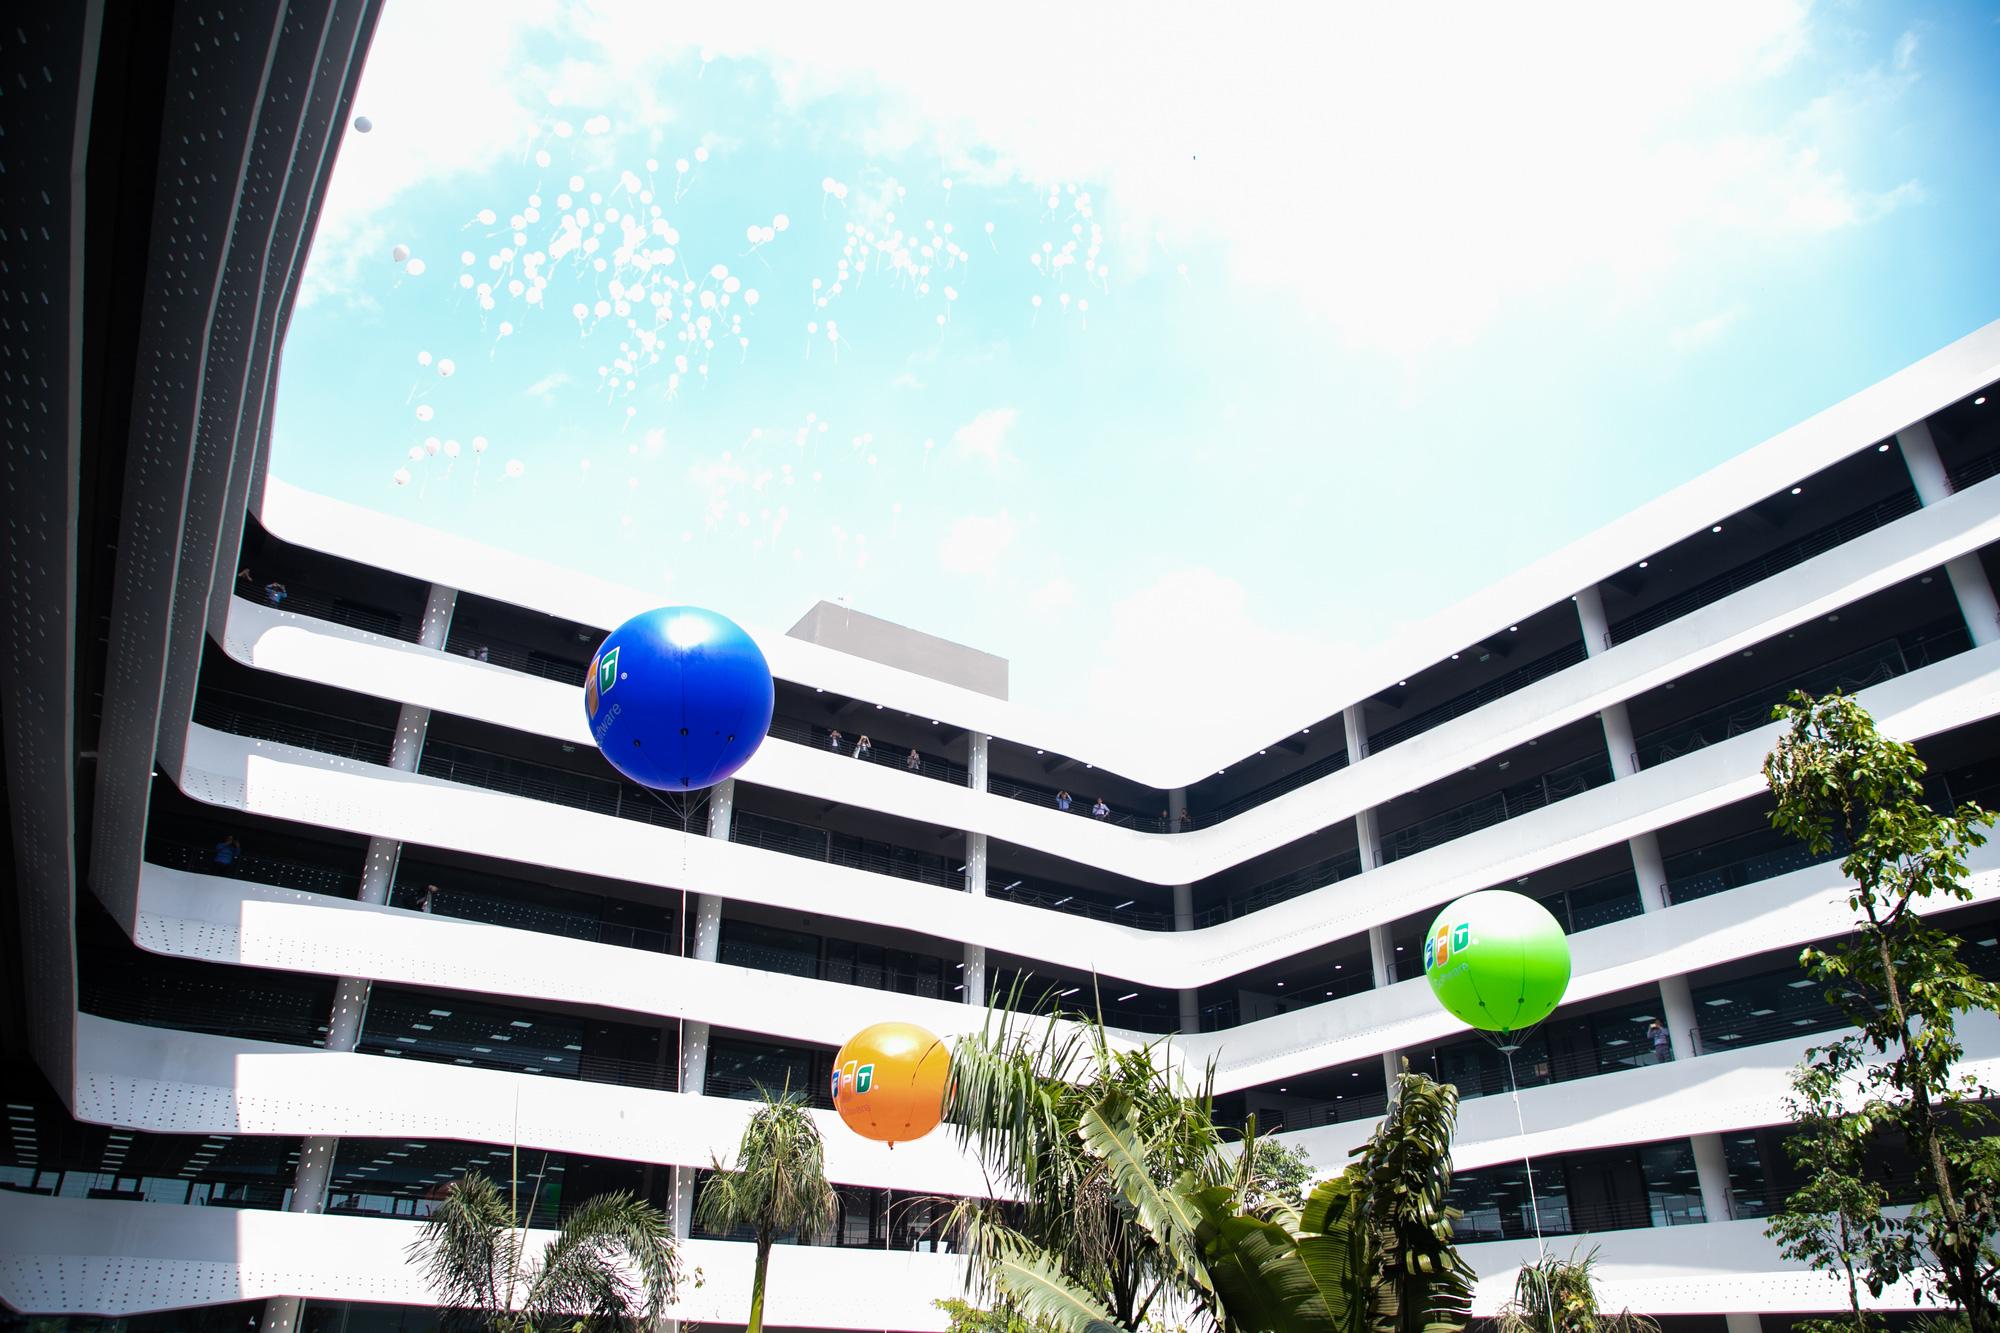 Trụ sở công ty công nghệ Việt lọt top công trình kiến trúc tiêu biểu - Ảnh 6.